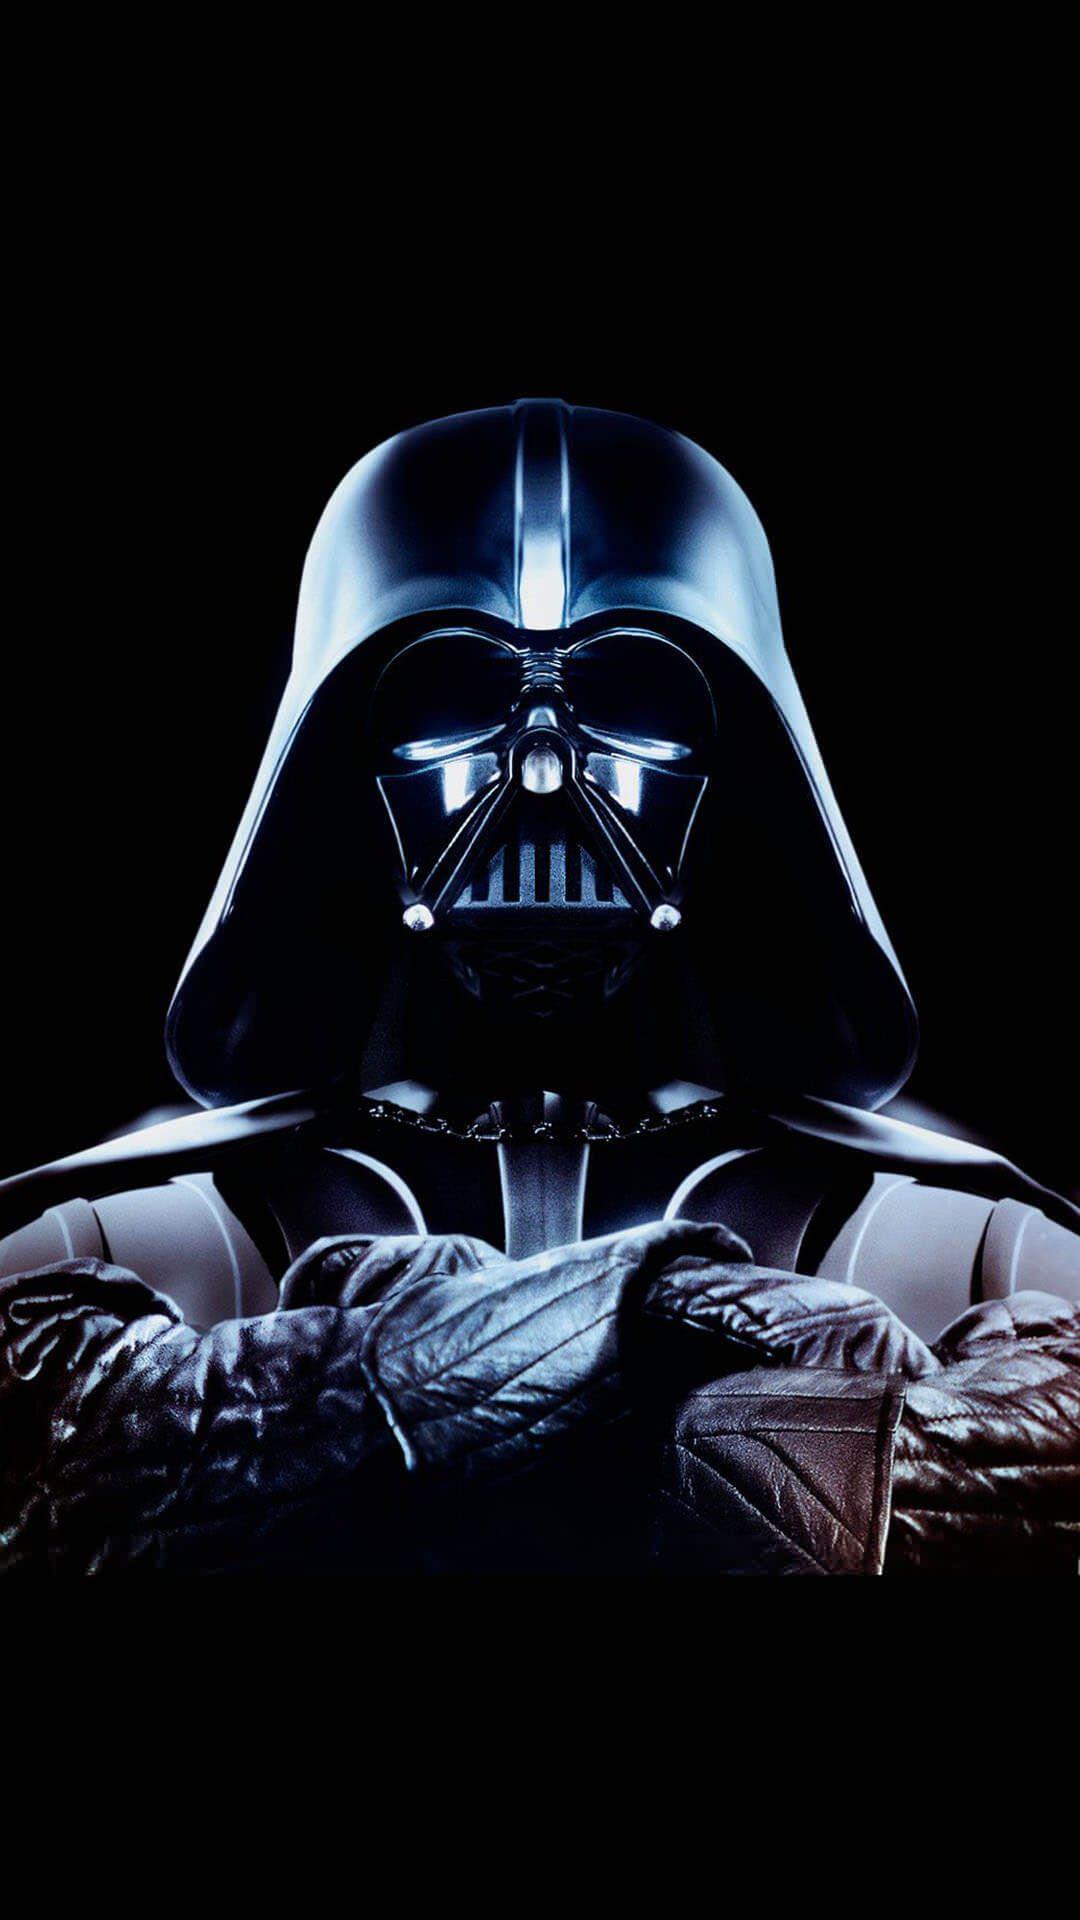 Star Wars Hd Wallpaper Android Vader Star Wars Darth Vader Hd Wallpaper Android